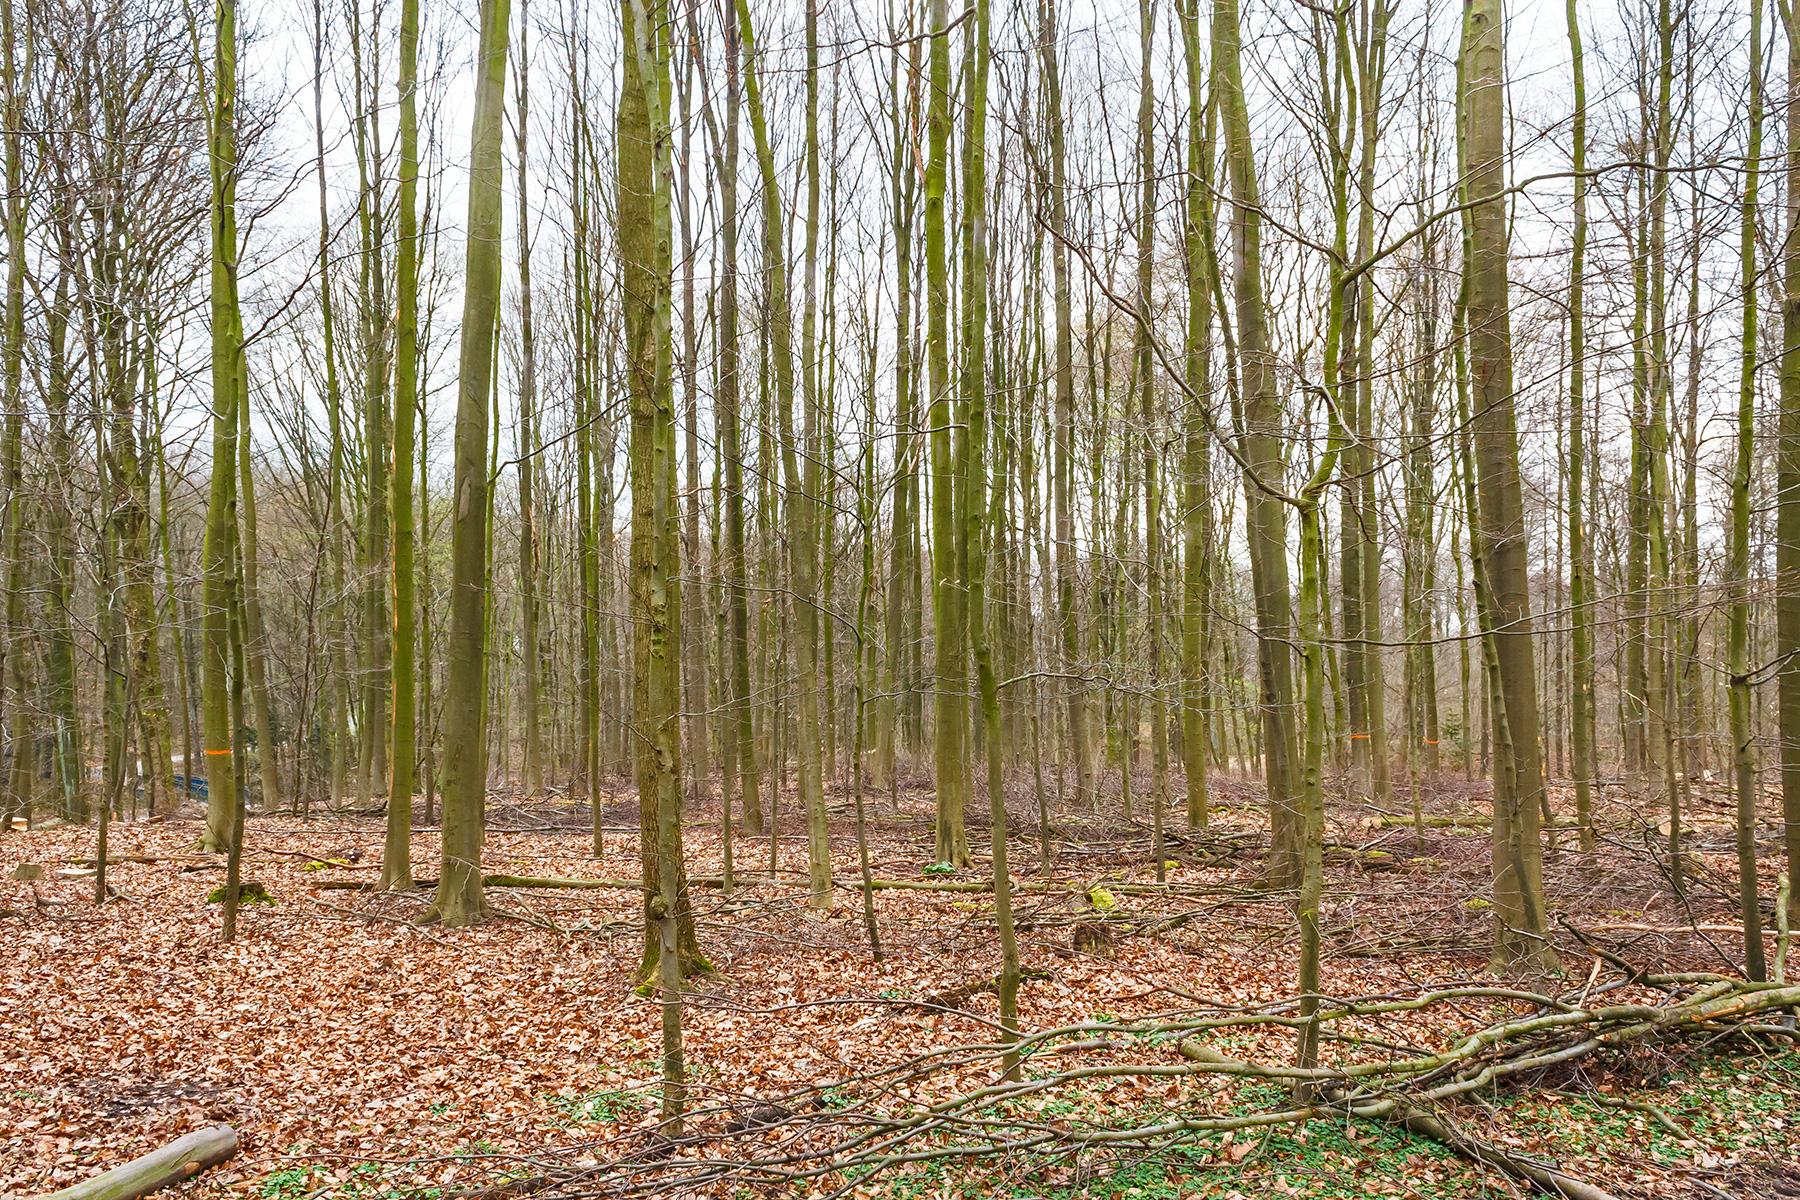 Förstertraum: Buchenstangenforst im Lührmannswald